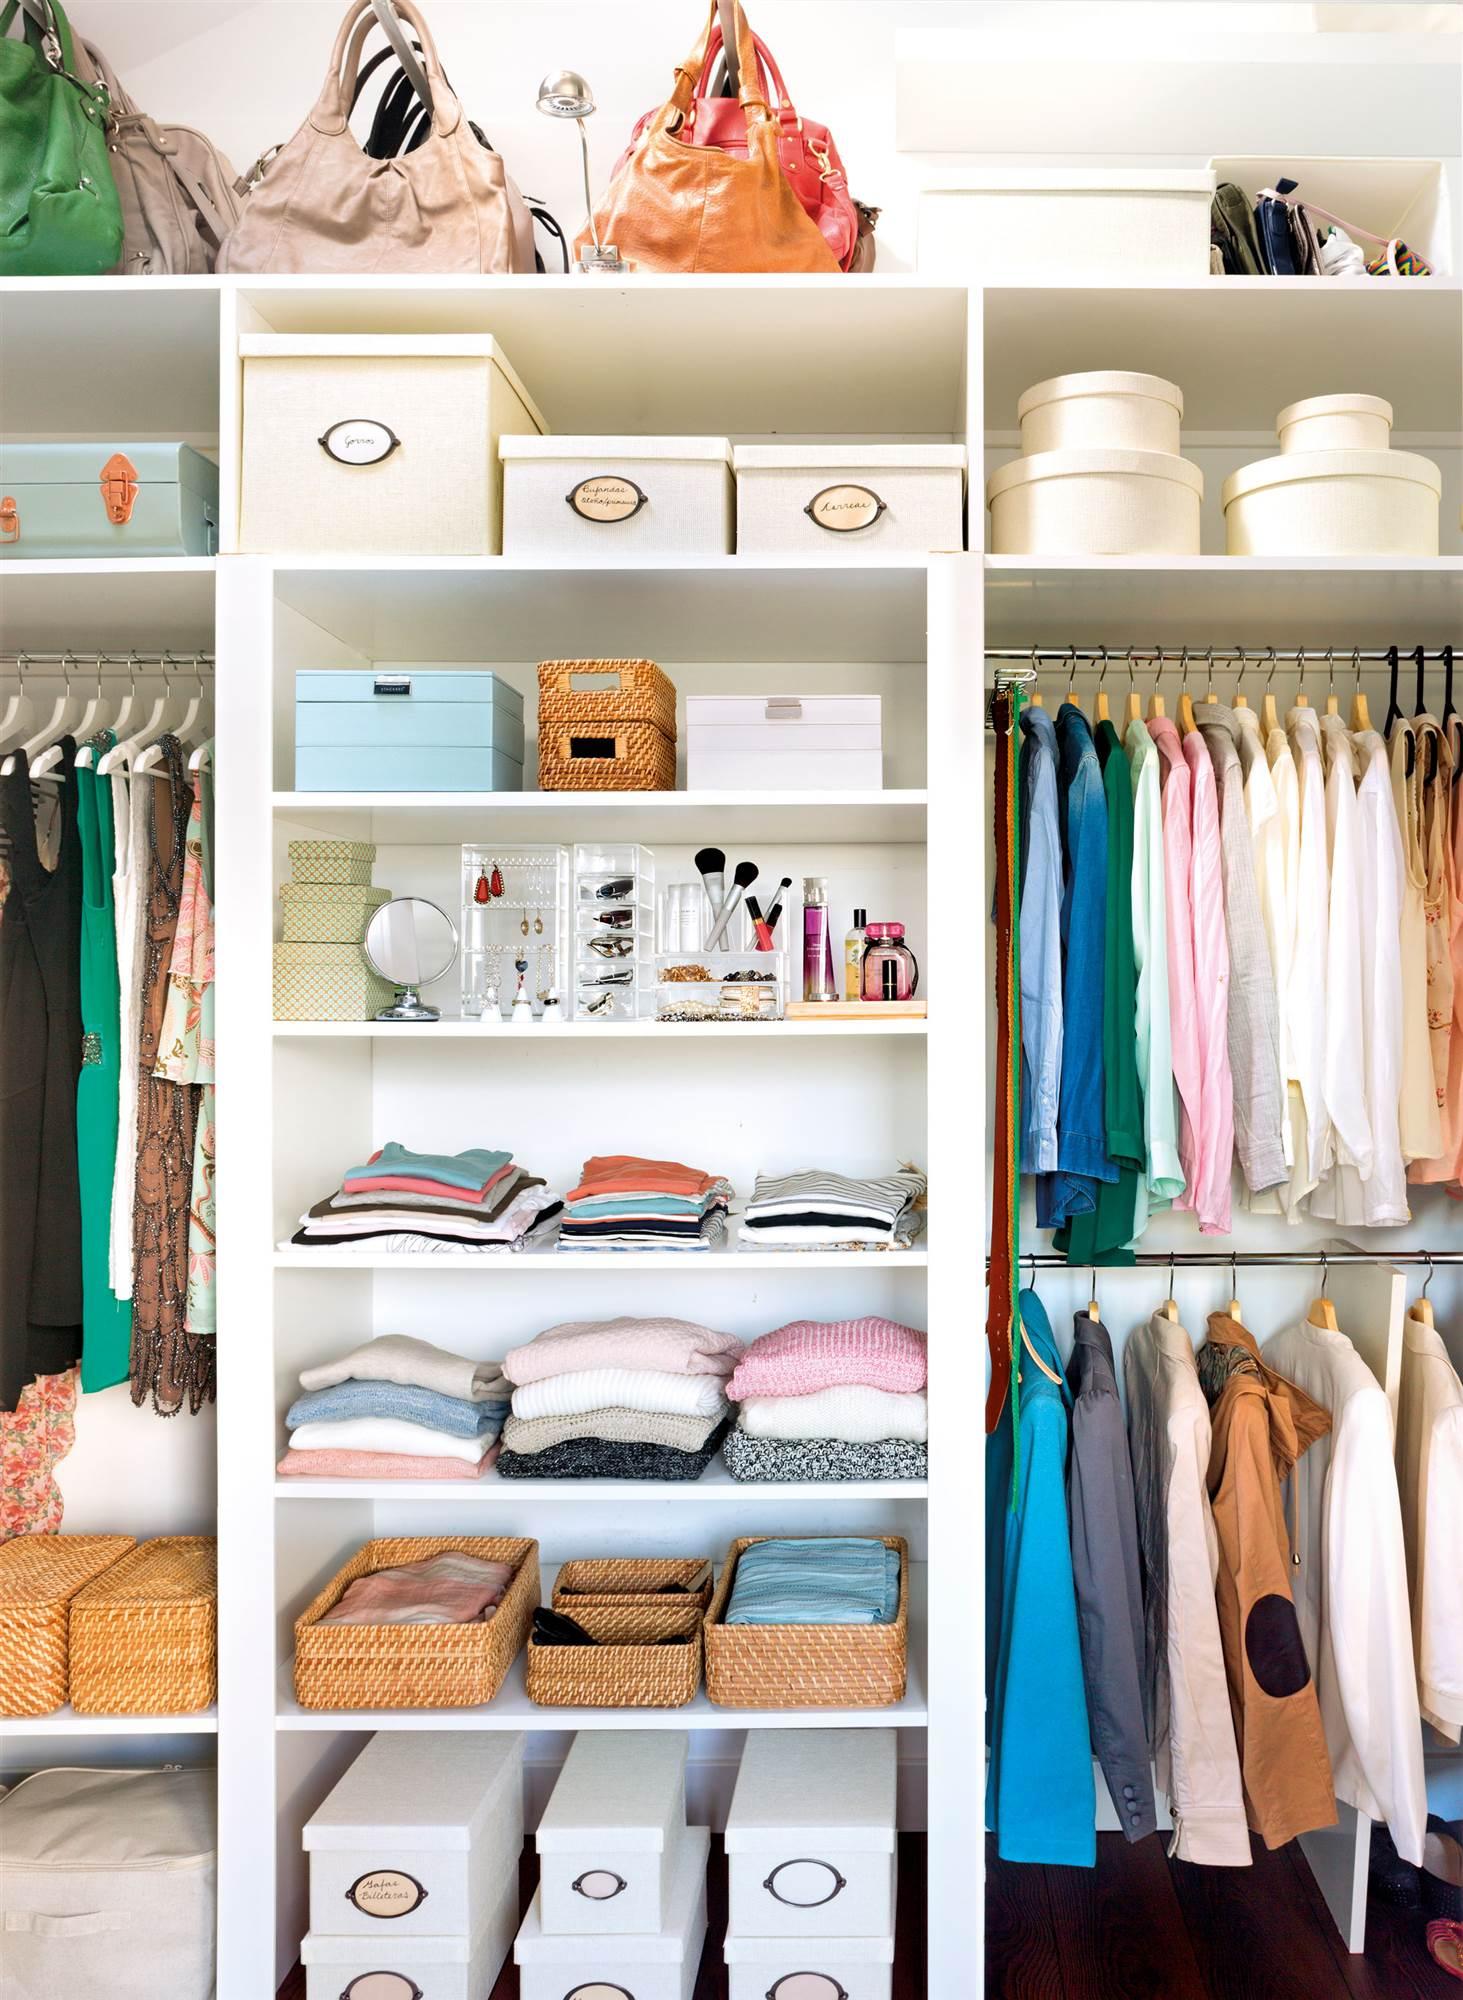 Adesivo De Cozinha ~ Vestidores Ideas para armarios vestidores pequeños o abiertos ElMue